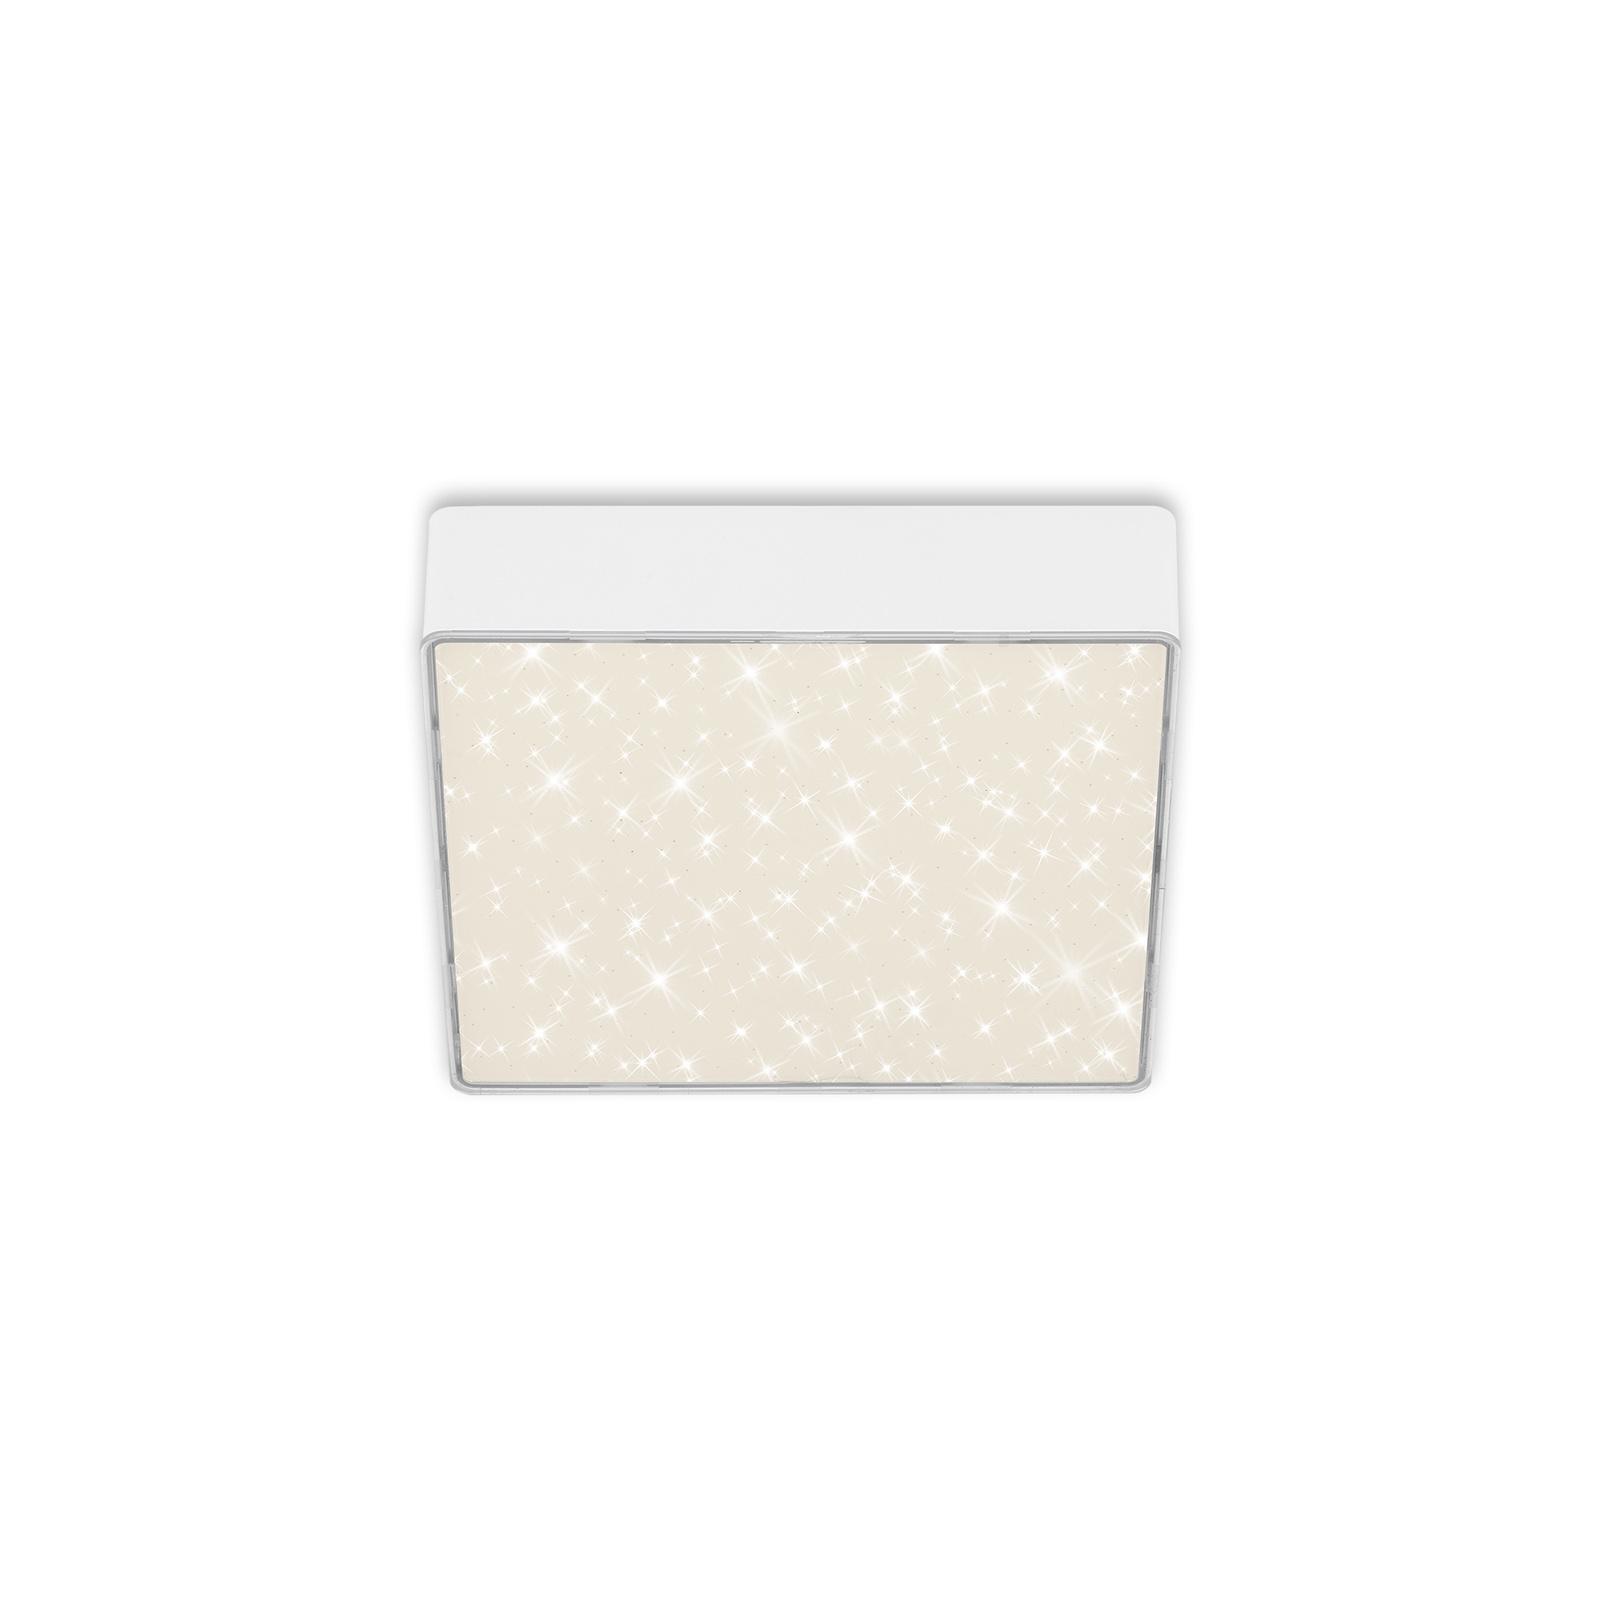 STERNENHIMMEL LED Deckenleuchte, 15,7 cm, 11 W, Weiß